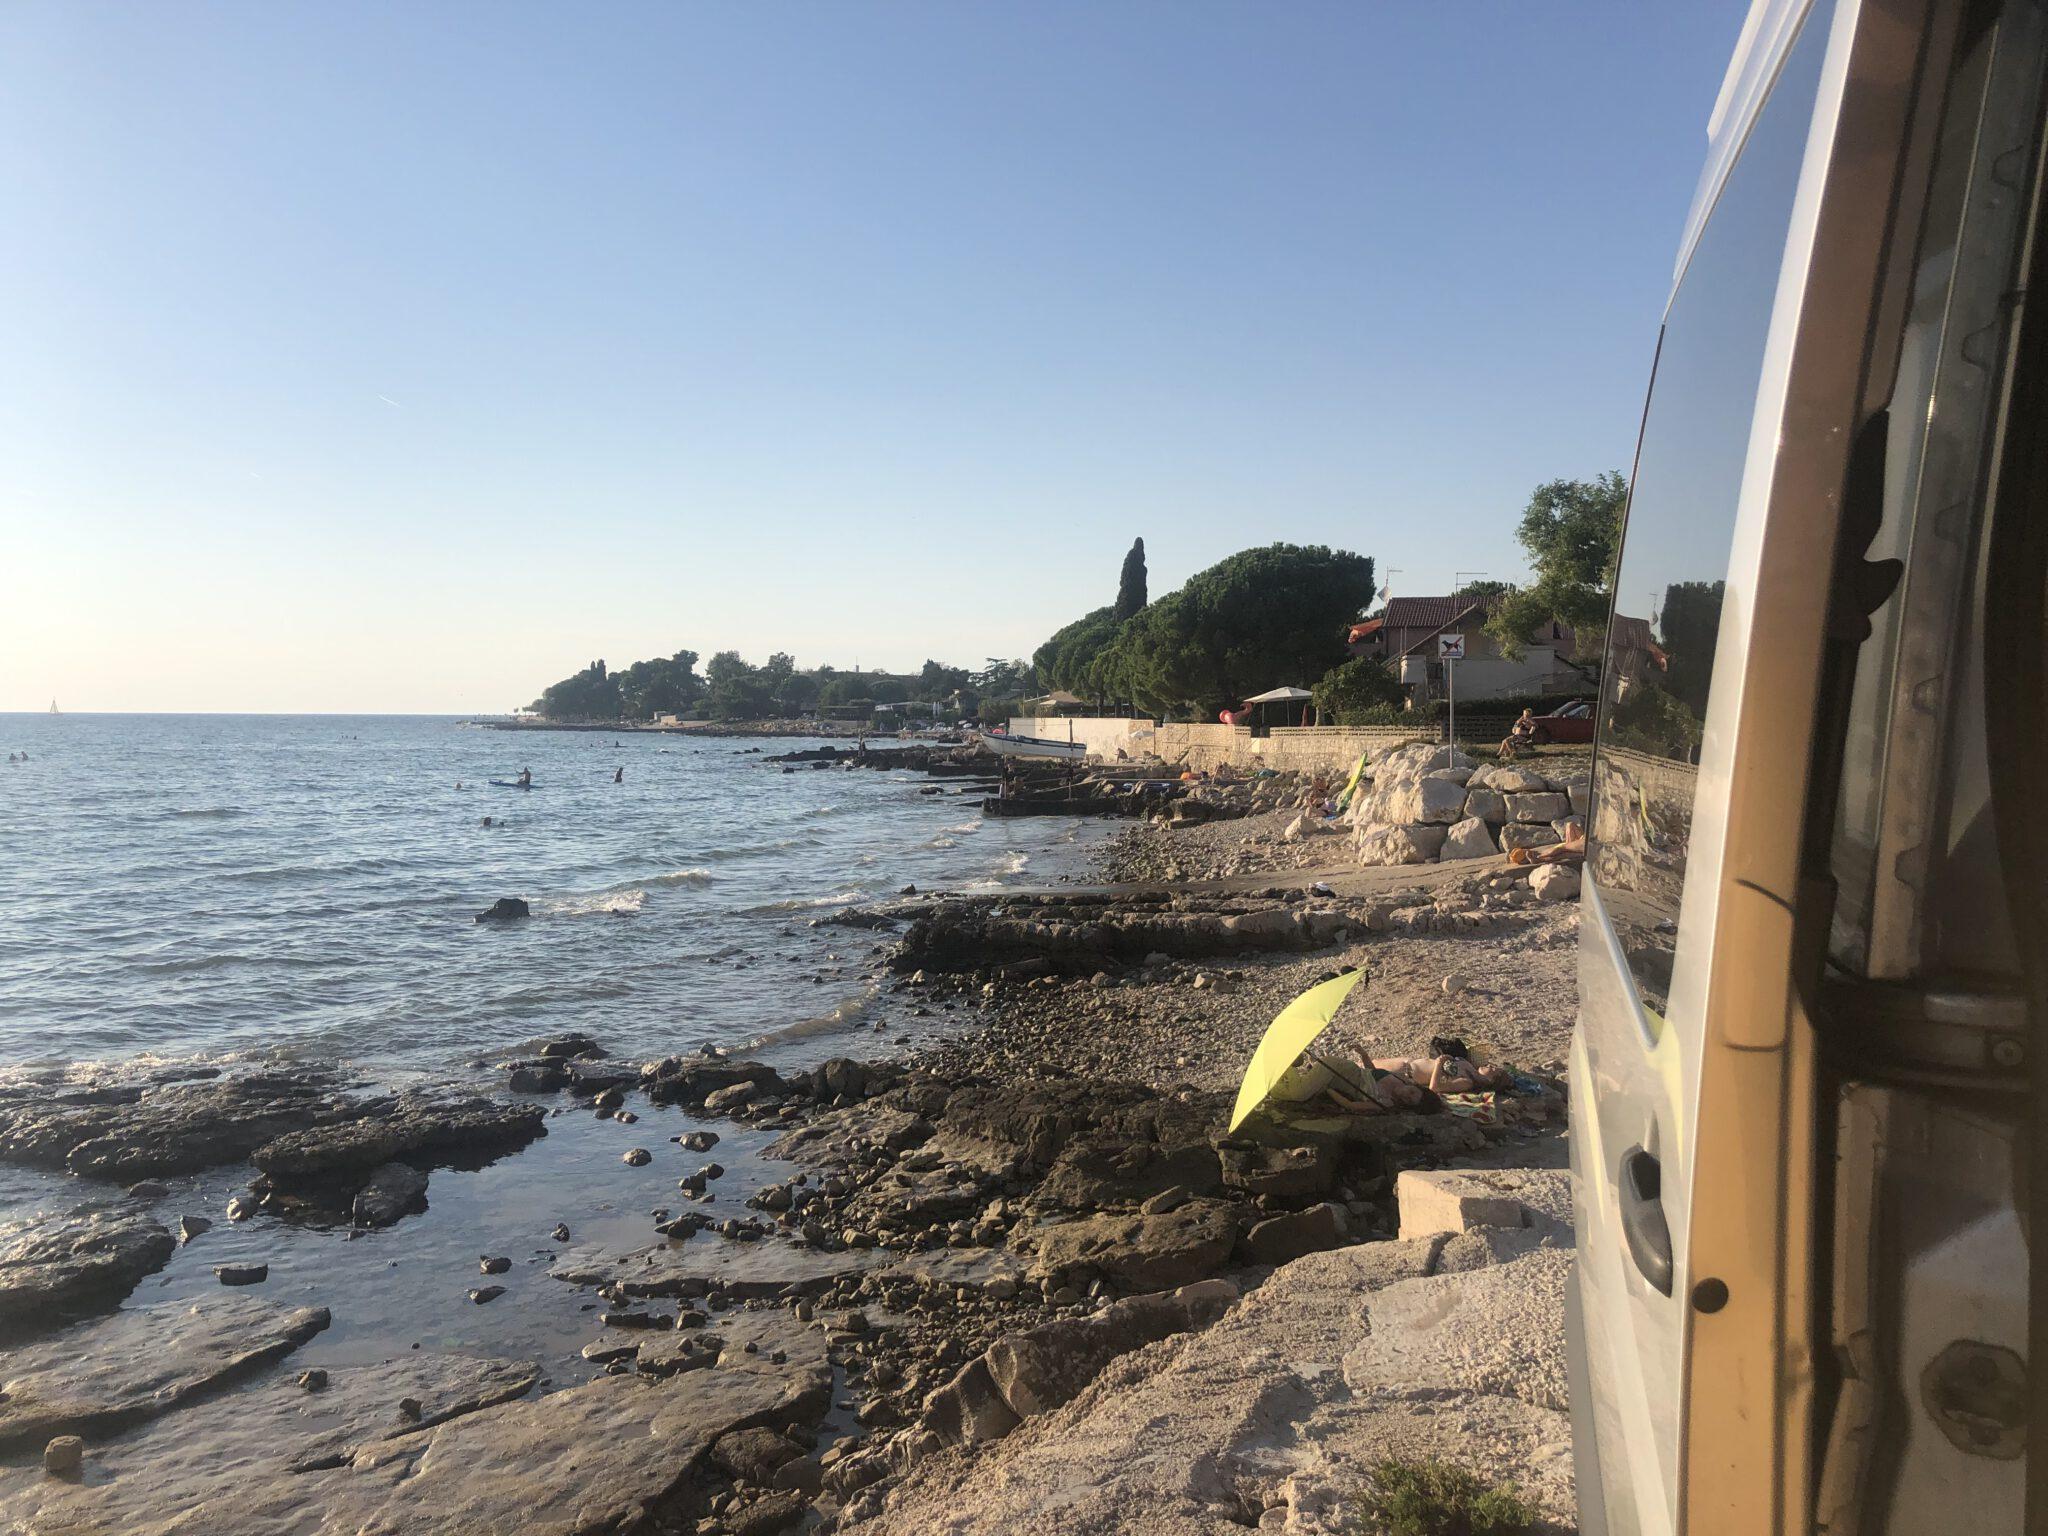 Badestelle mit Betonplatten am Strand in Istrien